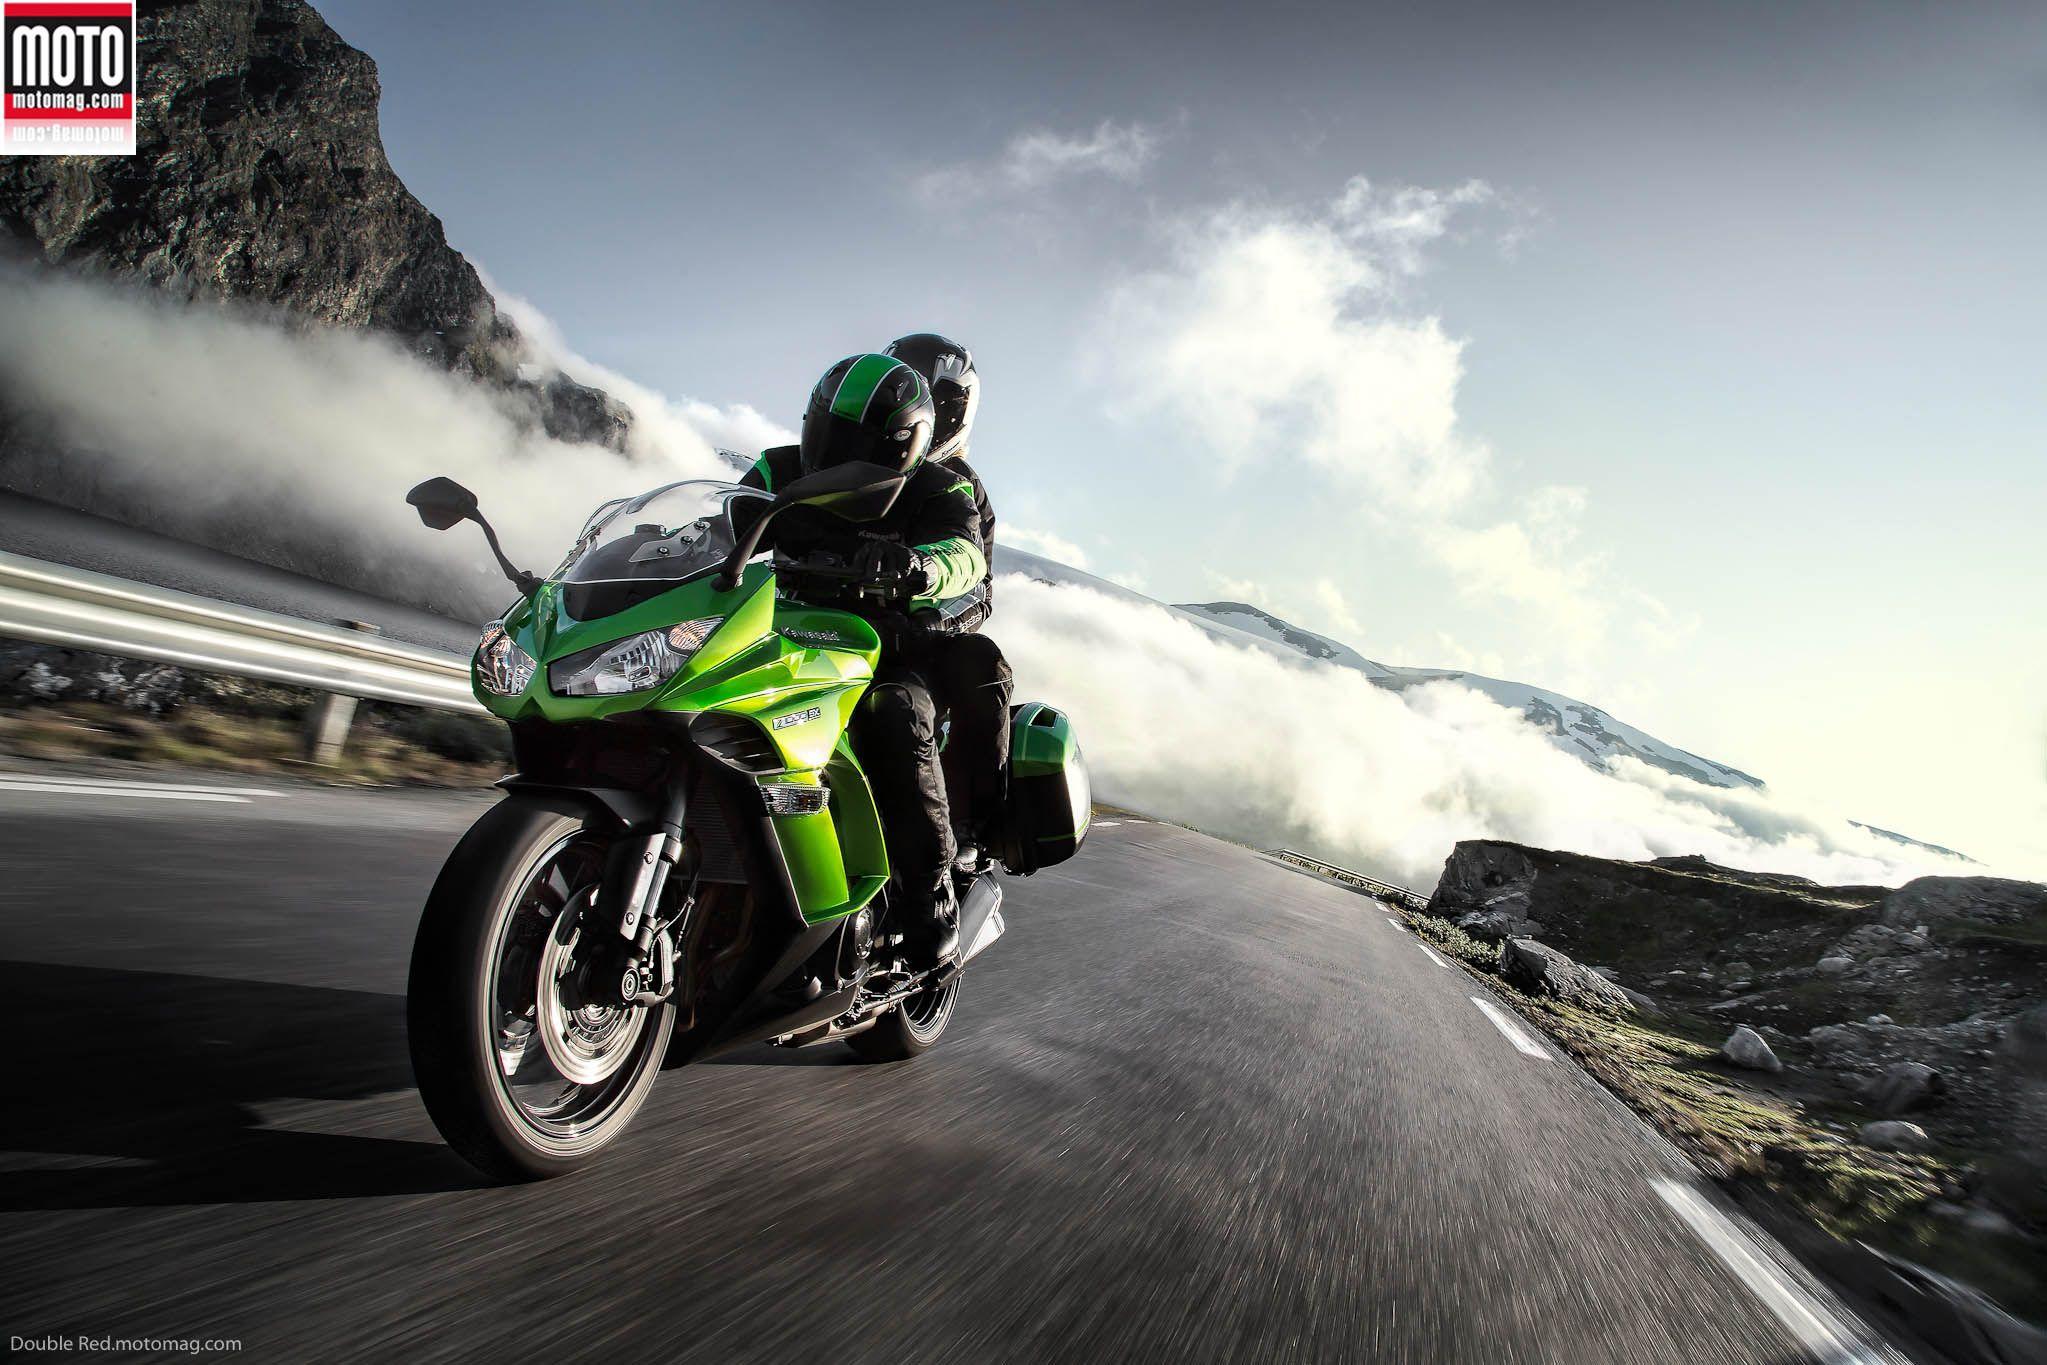 Kawasaki Z1000sx Cette Sport Tourisme Volue Anne Grce Un Z1000 Lighting System Circuit Moteur Plus Coupleux Confort Amlior Et Larrive Daides Lectroniques Utiles Qui